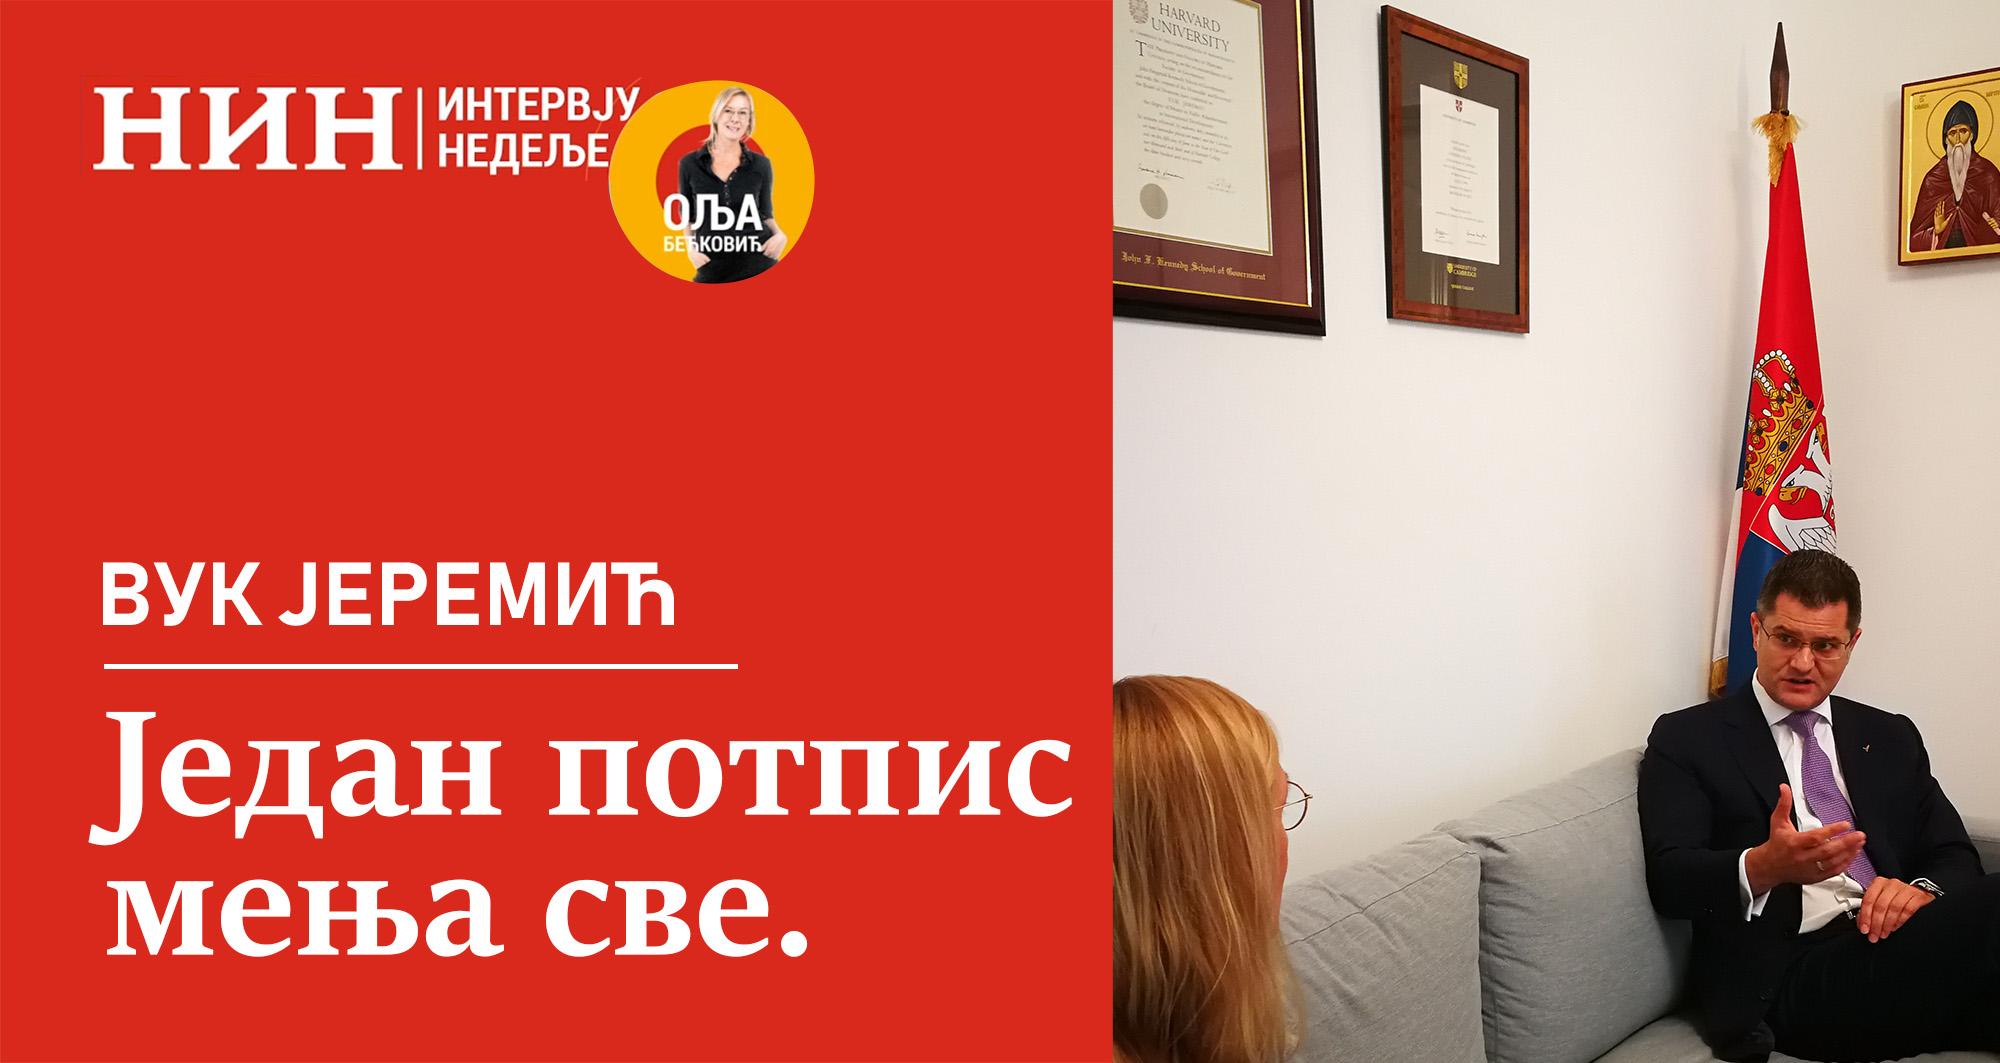 Интервју Јеремића недељнику НИН: Један потпис мења све